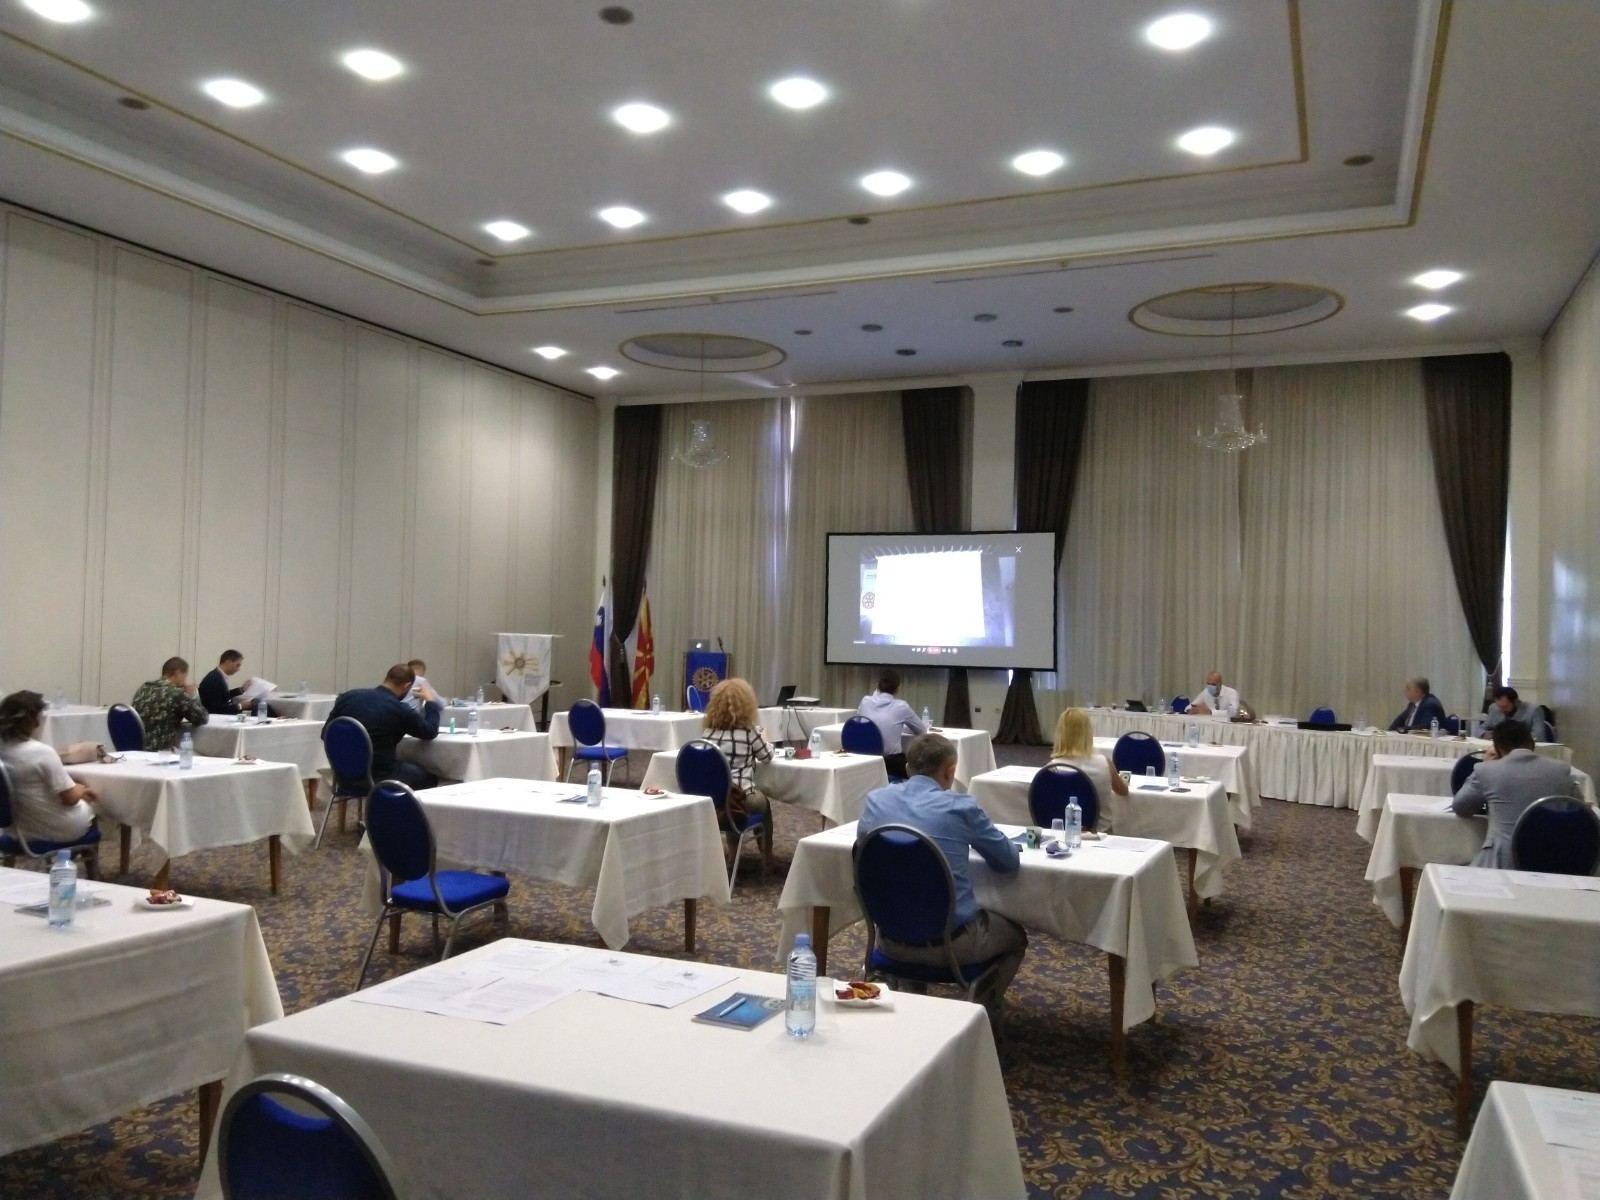 Дистриктна конференција, седница на СРКМ и ПЕТС/СЕТС семинар